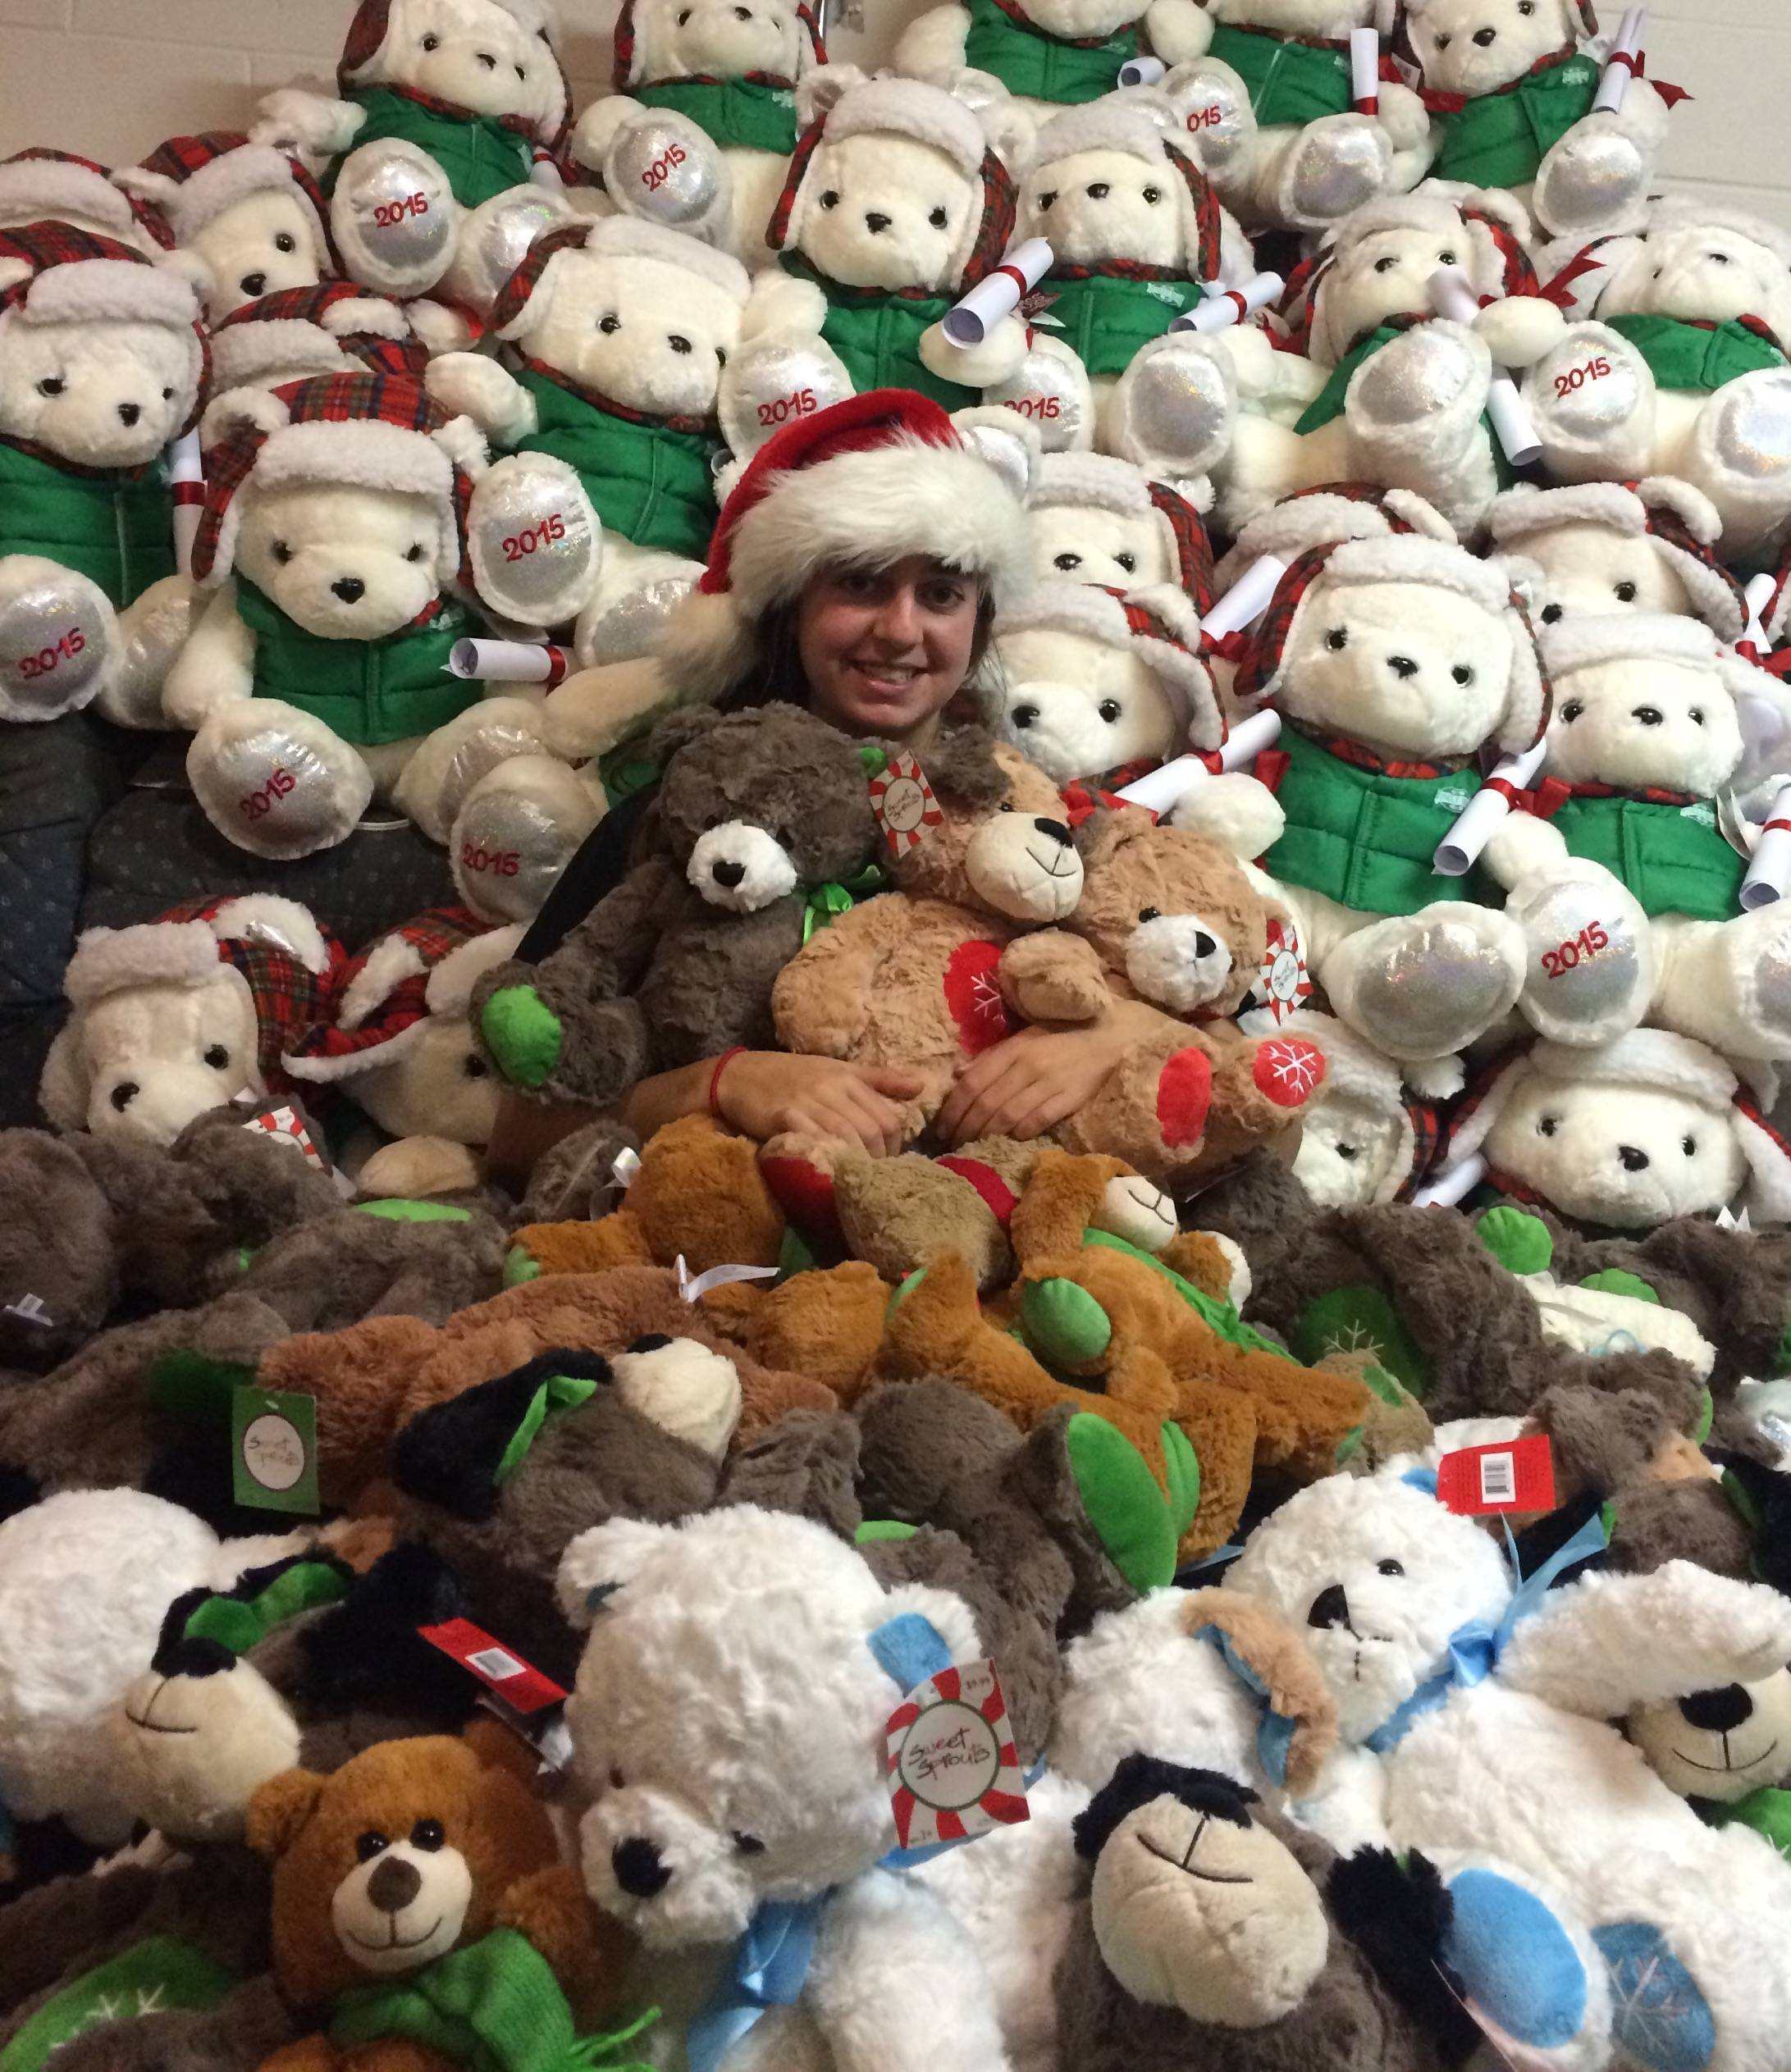 200d23f709adcd3b4773_Marirose_Fischer_and_Teddy_bears_destined_for_Tilly_s_Kids..jpg